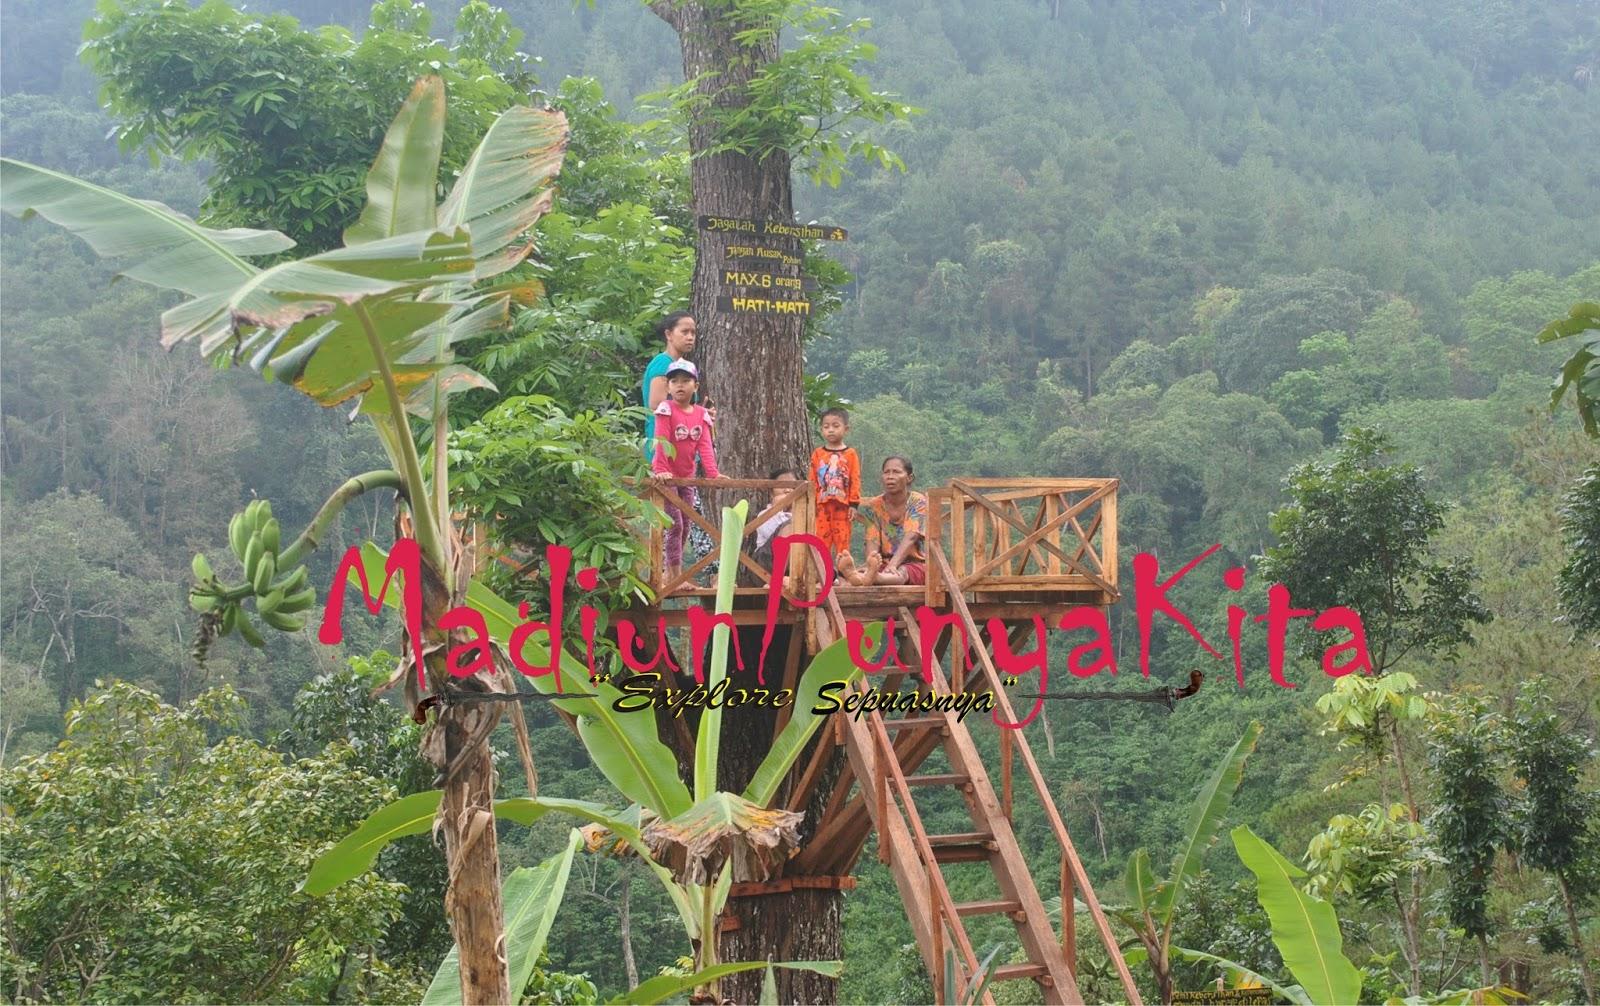 Rumah Pohon Tujuan Wisata Alam Tempat Berselfie Madiun Punya Pemandangan